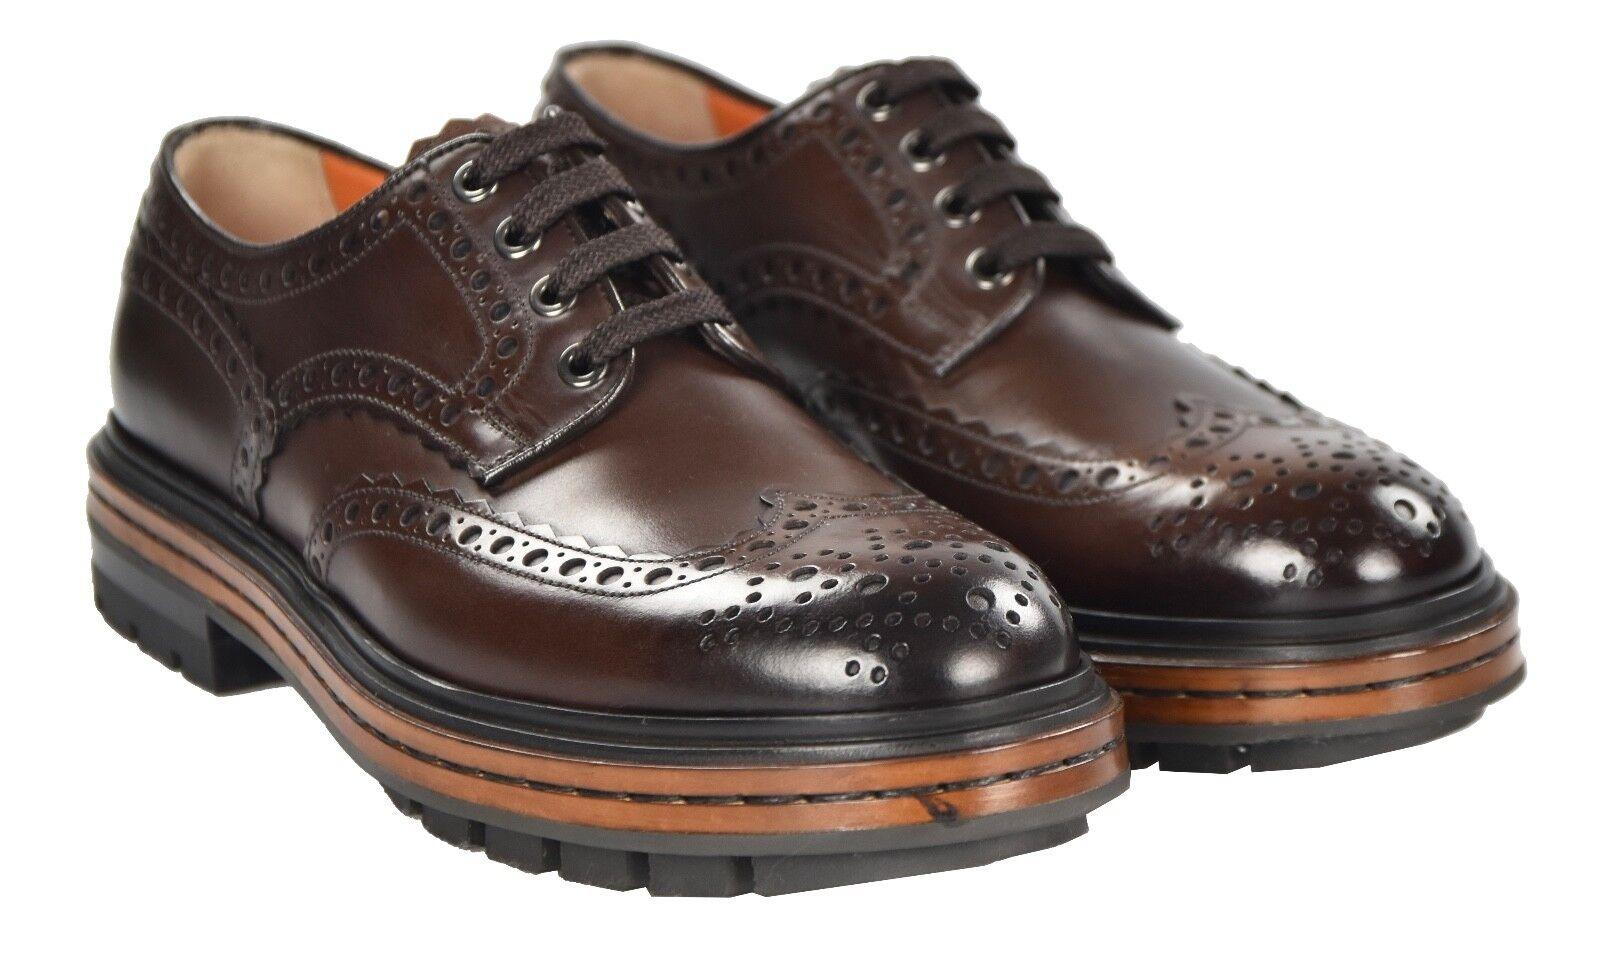 risparmia fino al 70% di sconto NEW 2018 SANTONI scarpe 100% LEATHER Dimensione Dimensione Dimensione 9 US 42 EU 18SANW5  negozi al dettaglio